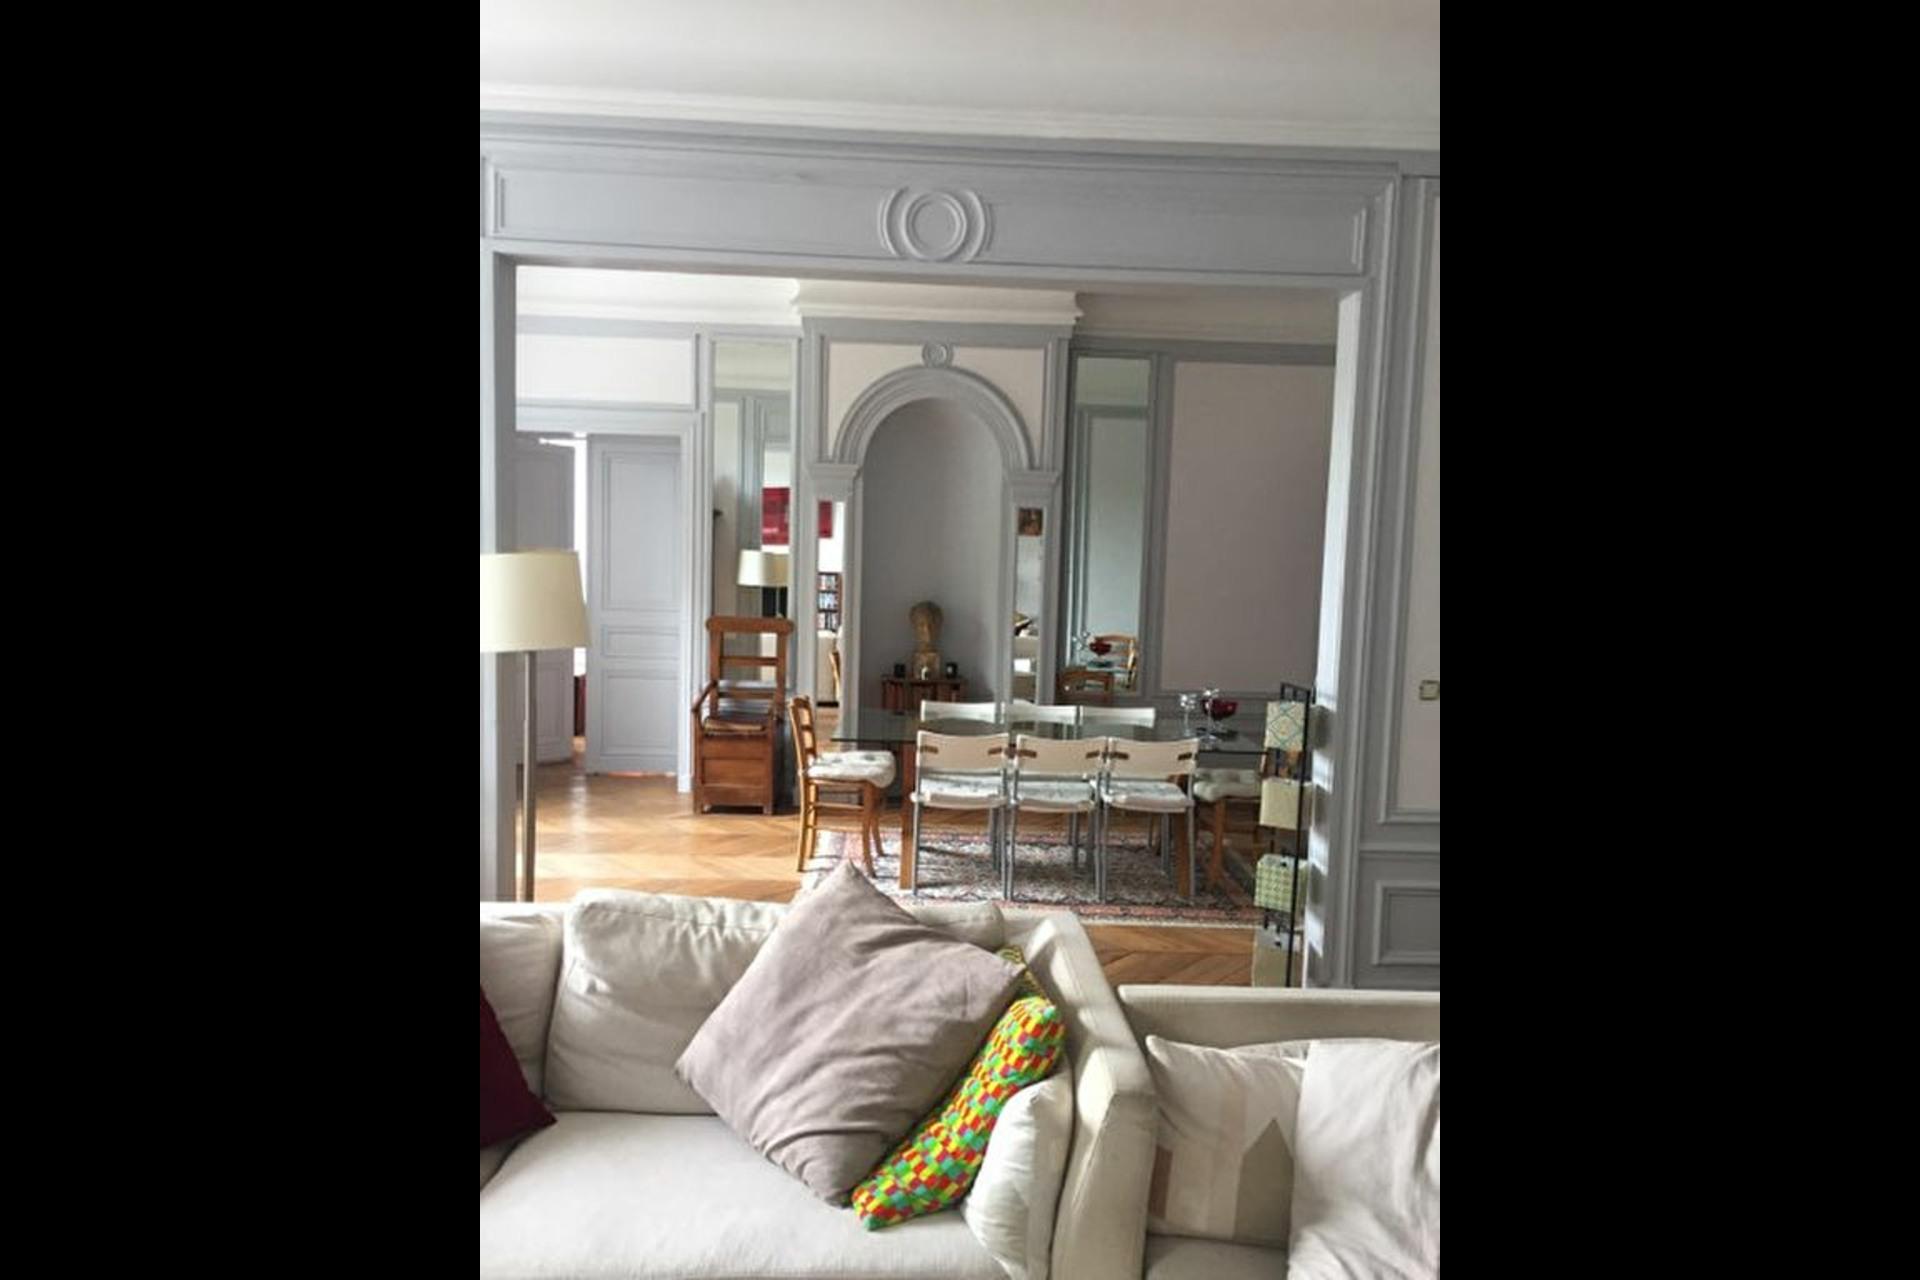 image 0 - Apartment For rent saint germain en laye - 6 rooms